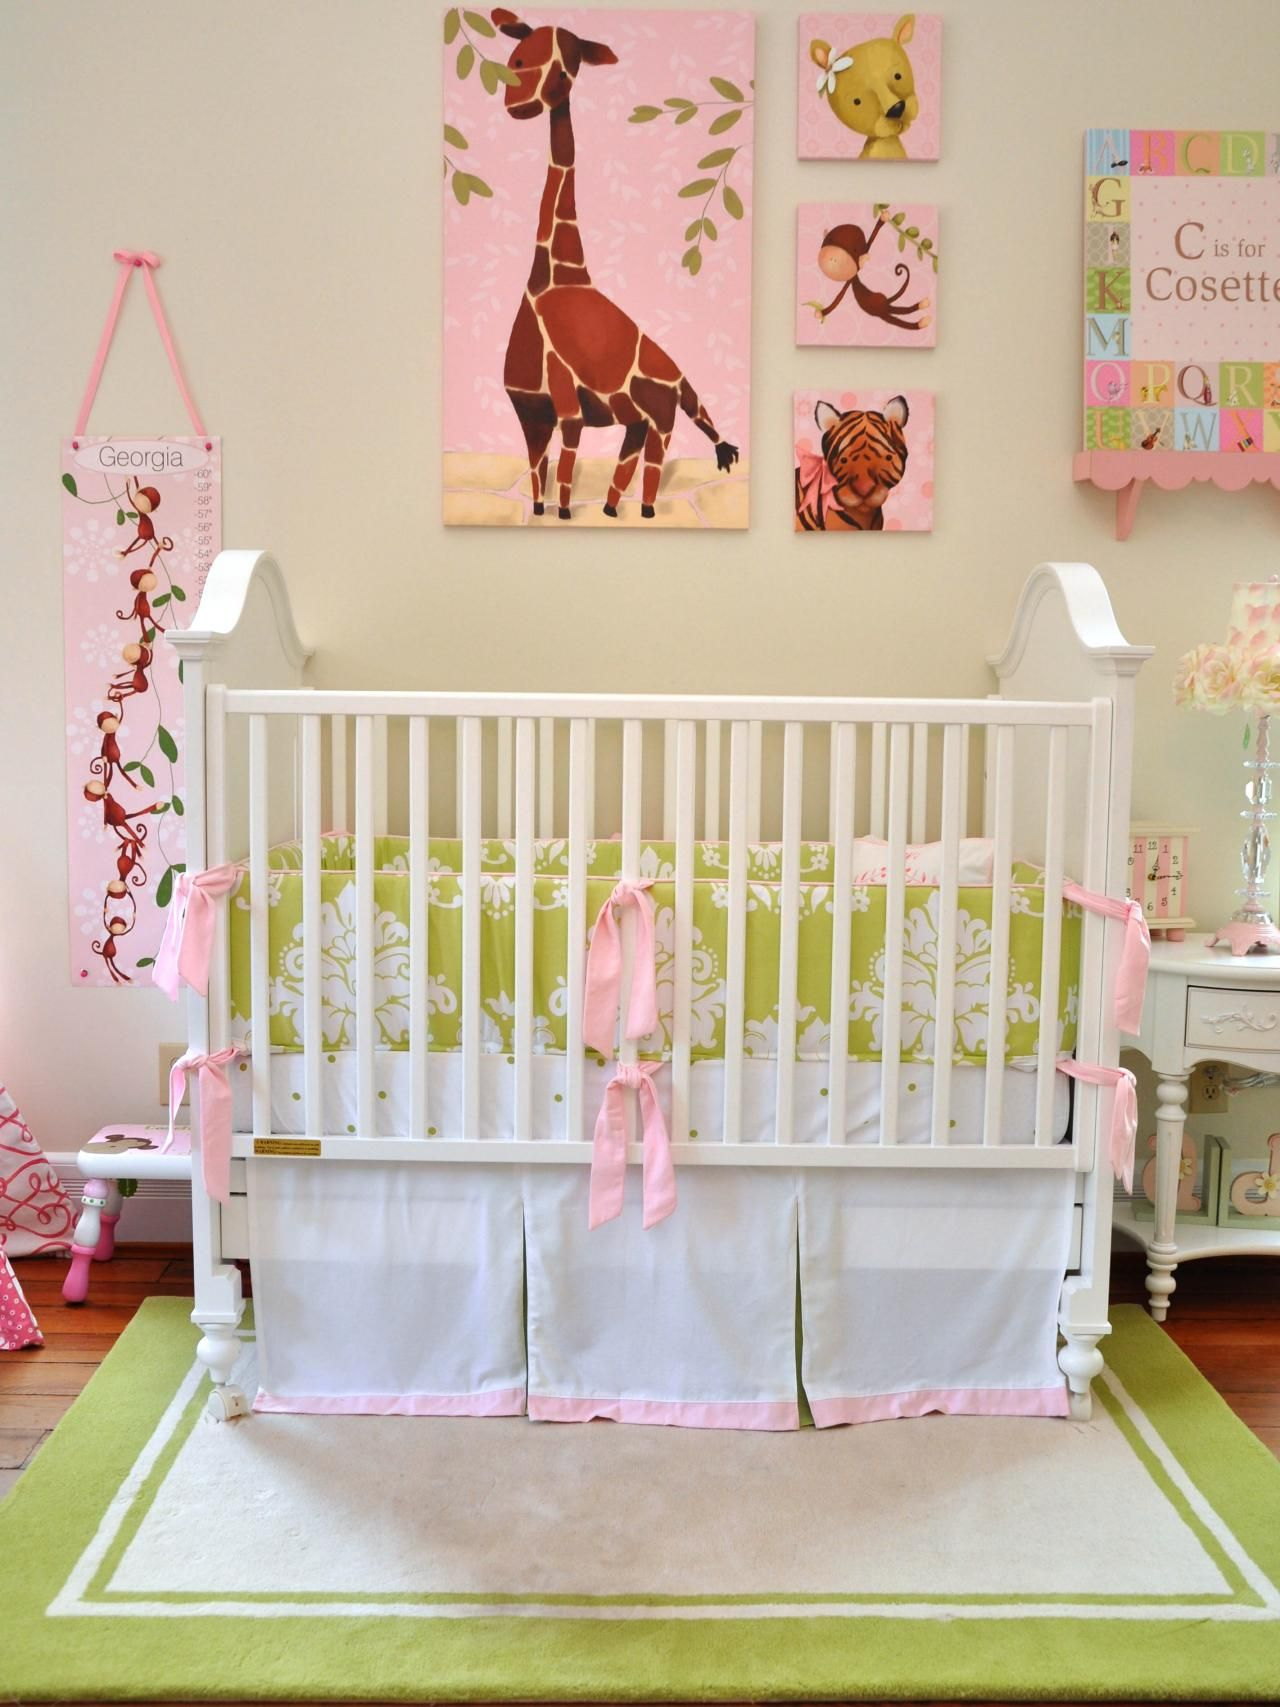 Einfache Dekoration Und Mobel Schoene Und Verspielte Kinderbetten #25: Hohe Qualität Genial Betten - Kinderbett